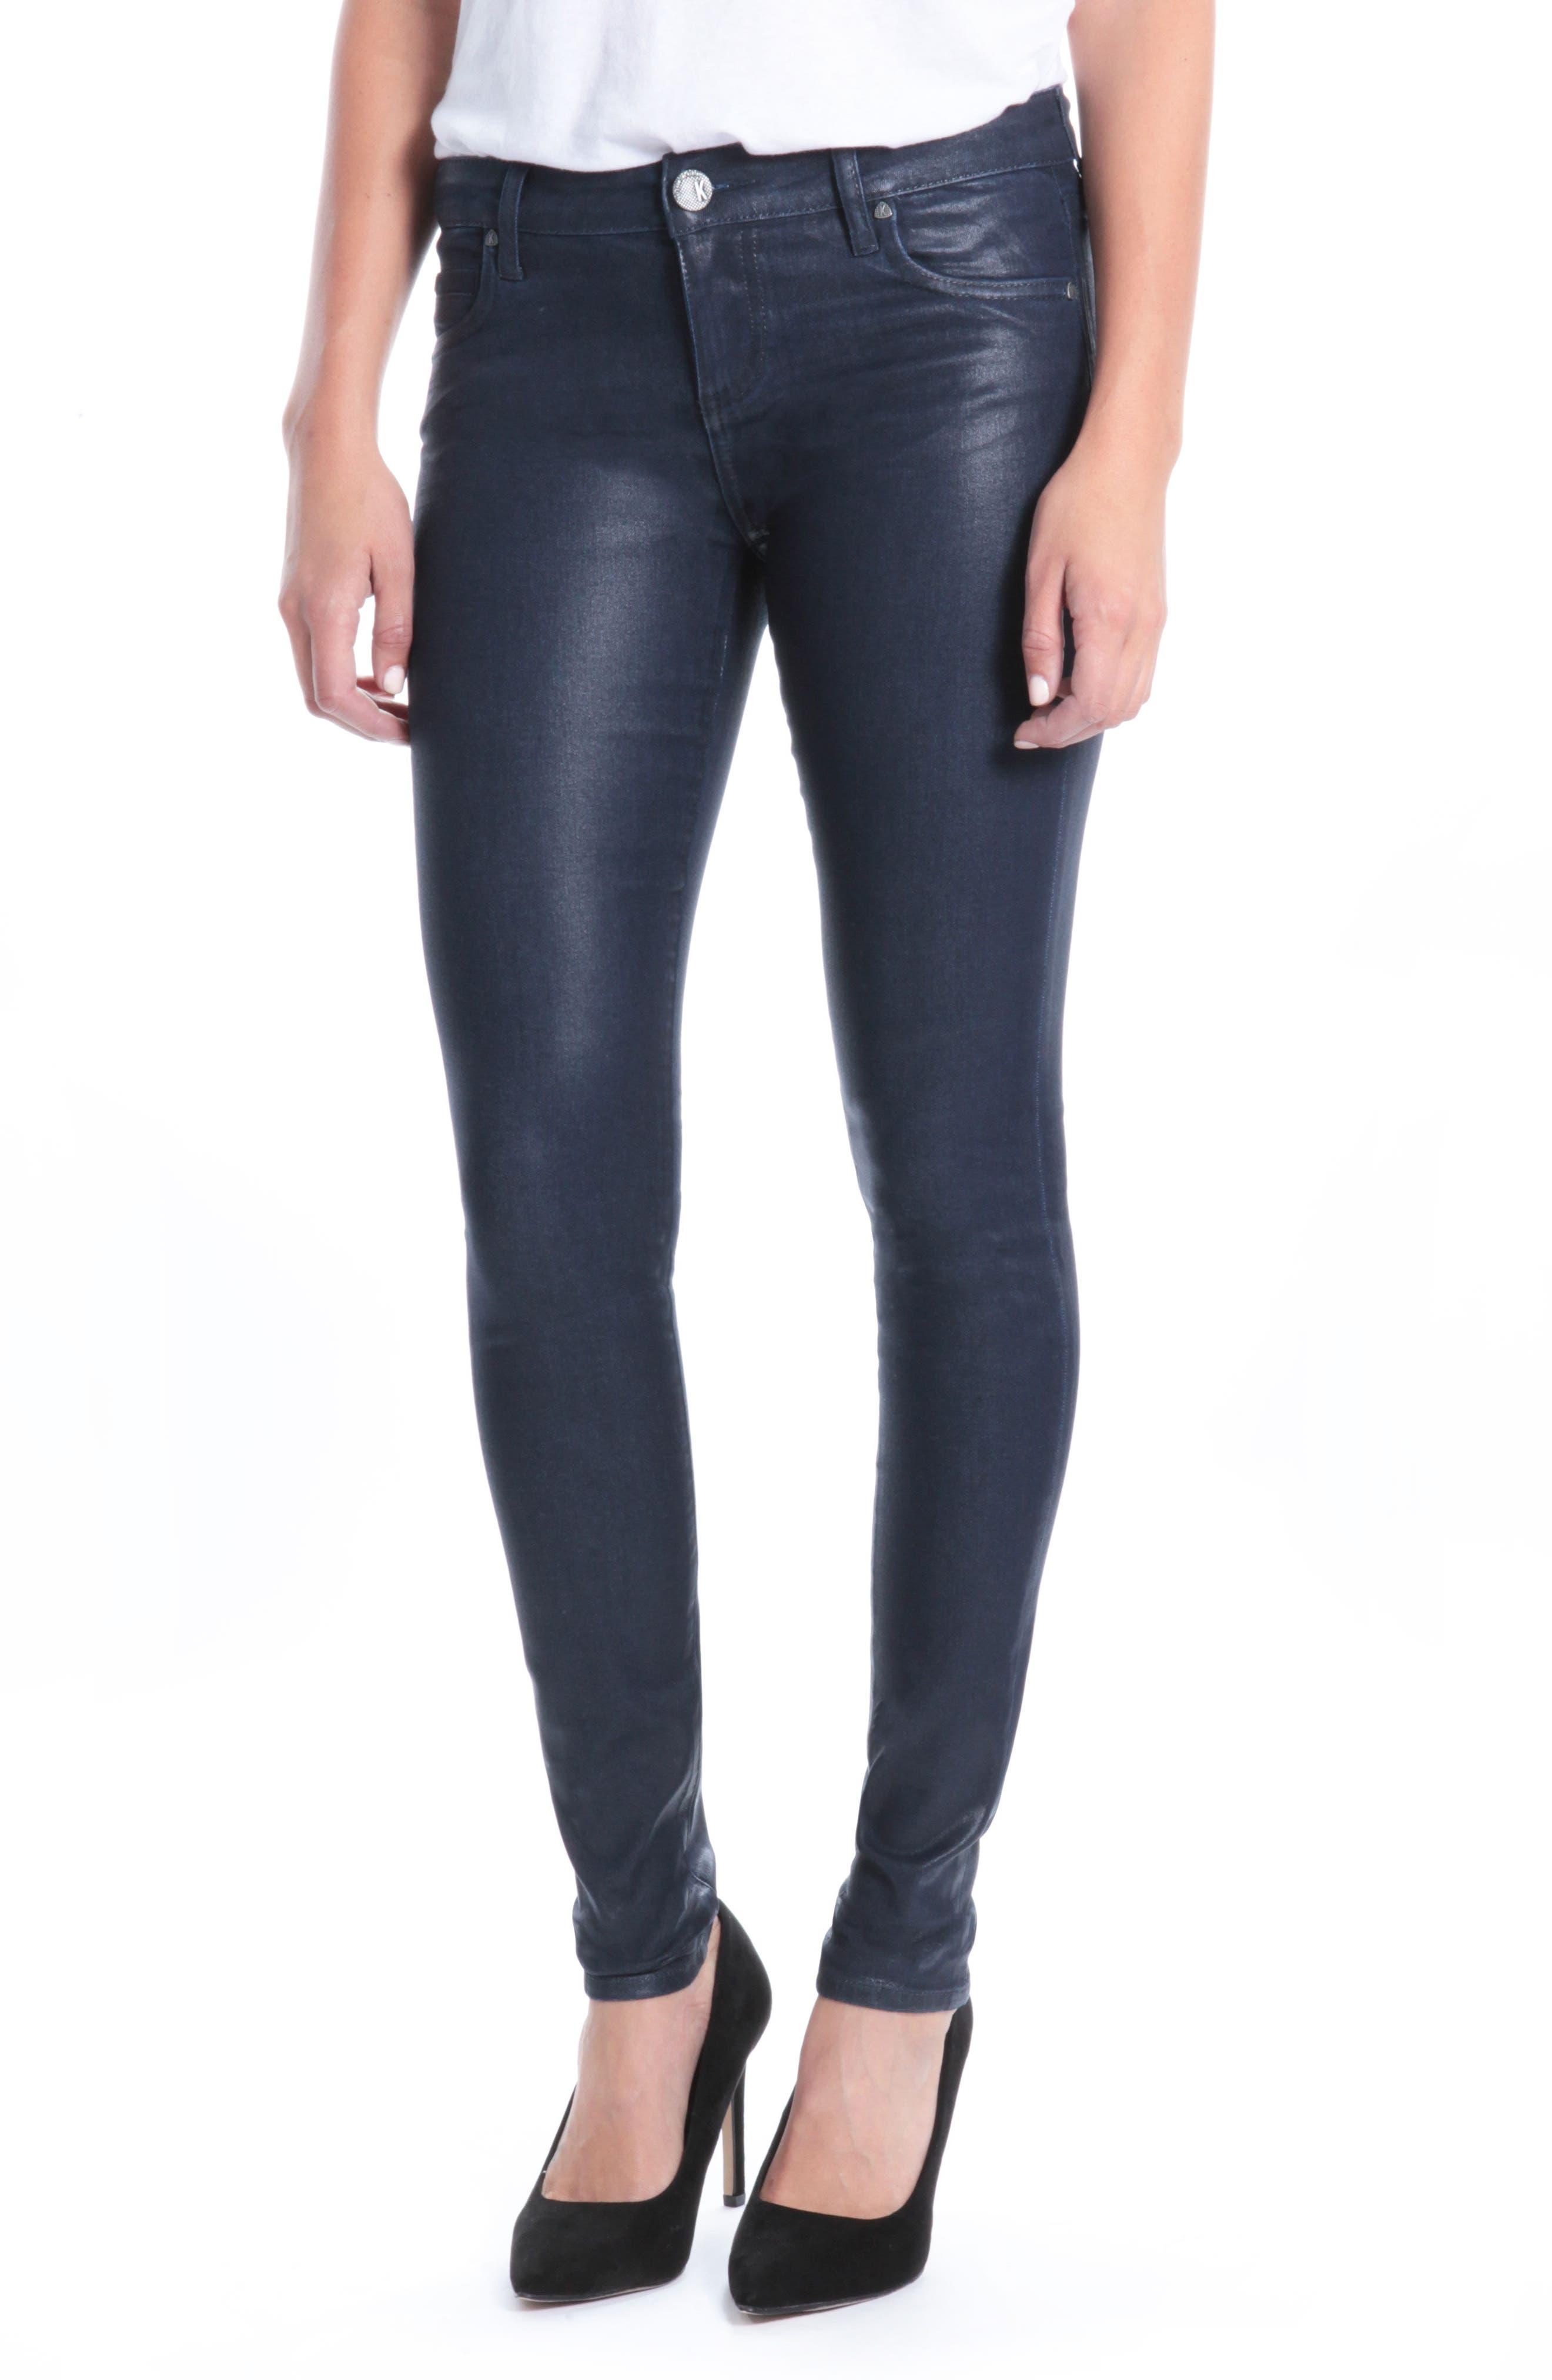 Mia Navy Coated Jeans,                         Main,                         color, Navy